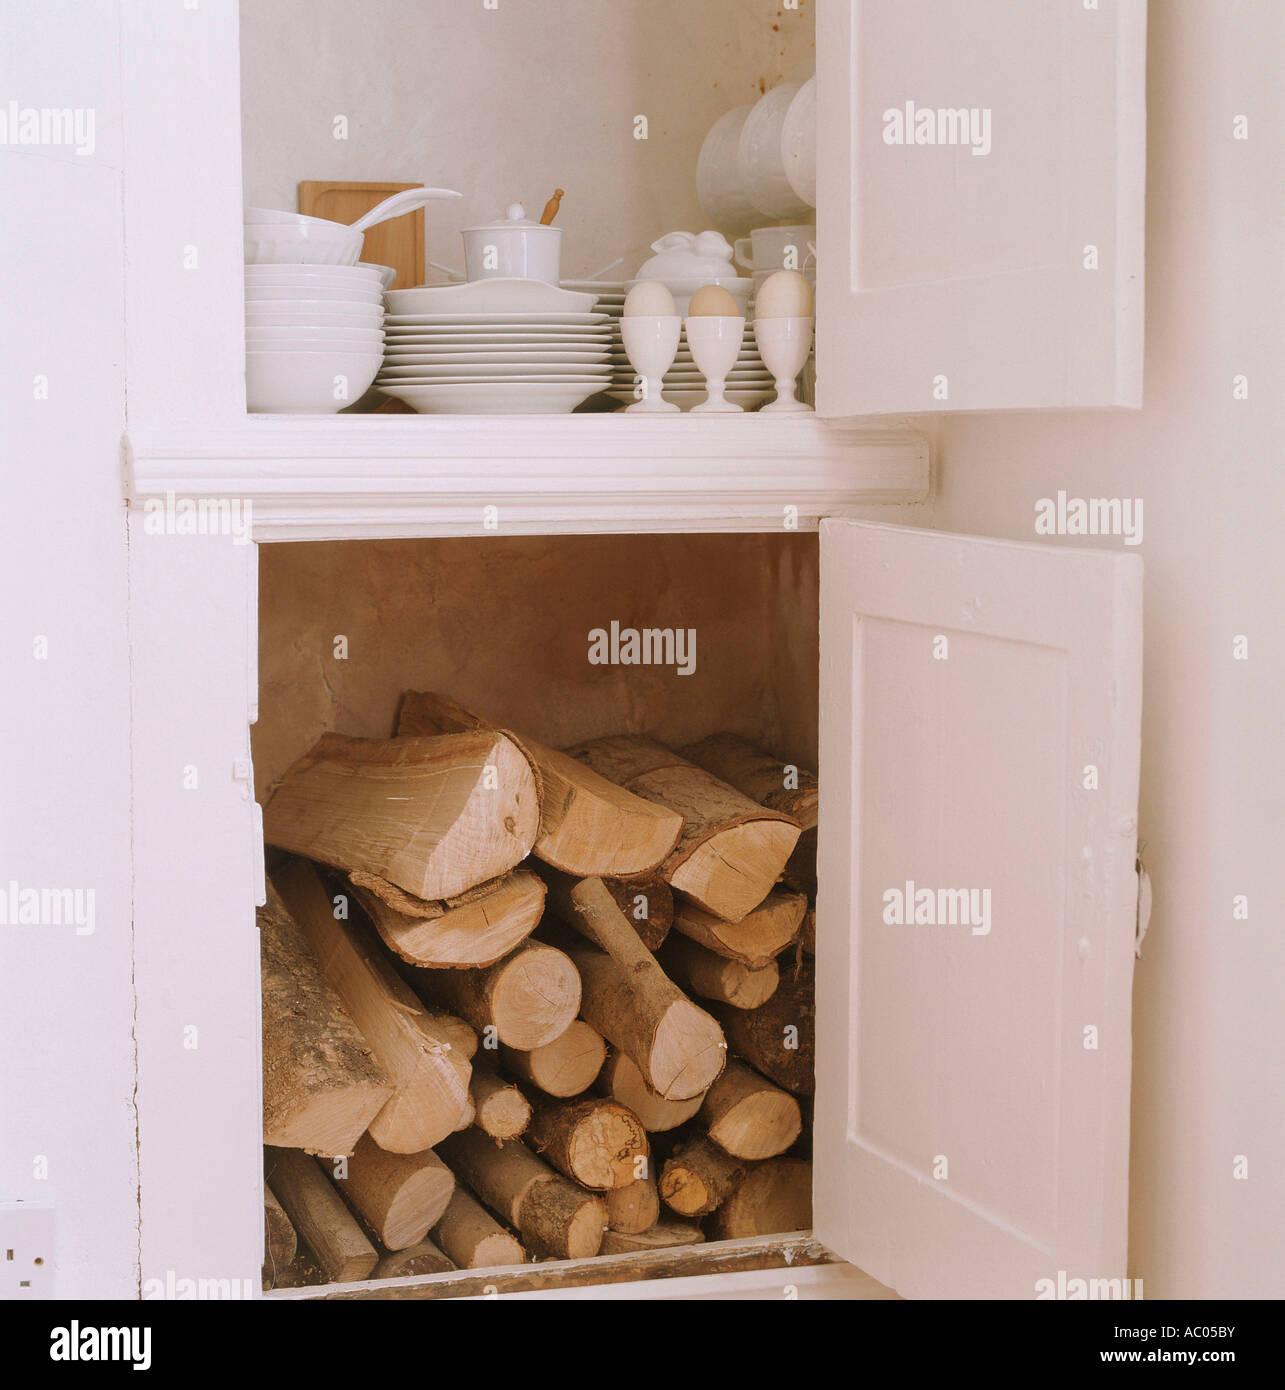 Cucina aperta dispense contenenti la legna e stoviglie Immagini Stock